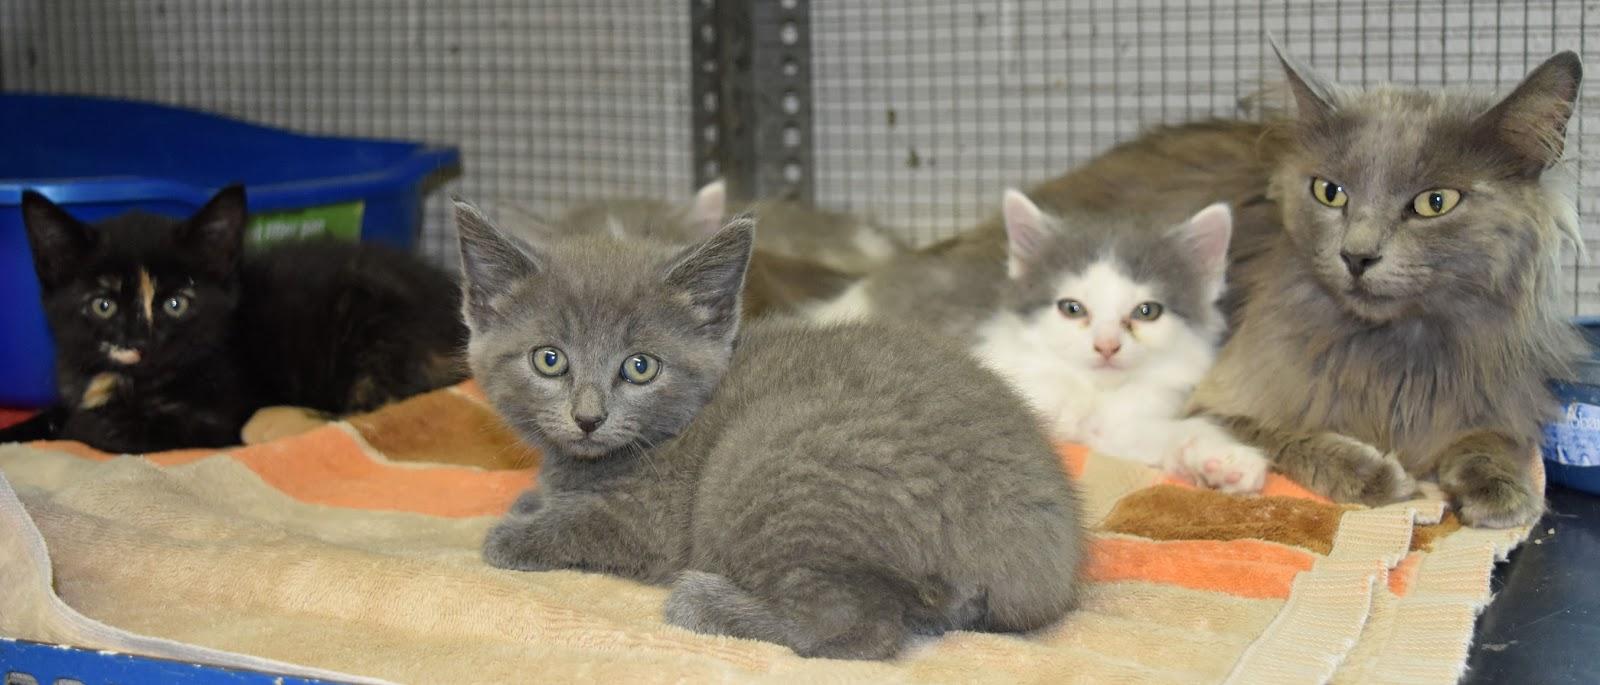 Crittenden County Animal Shelter